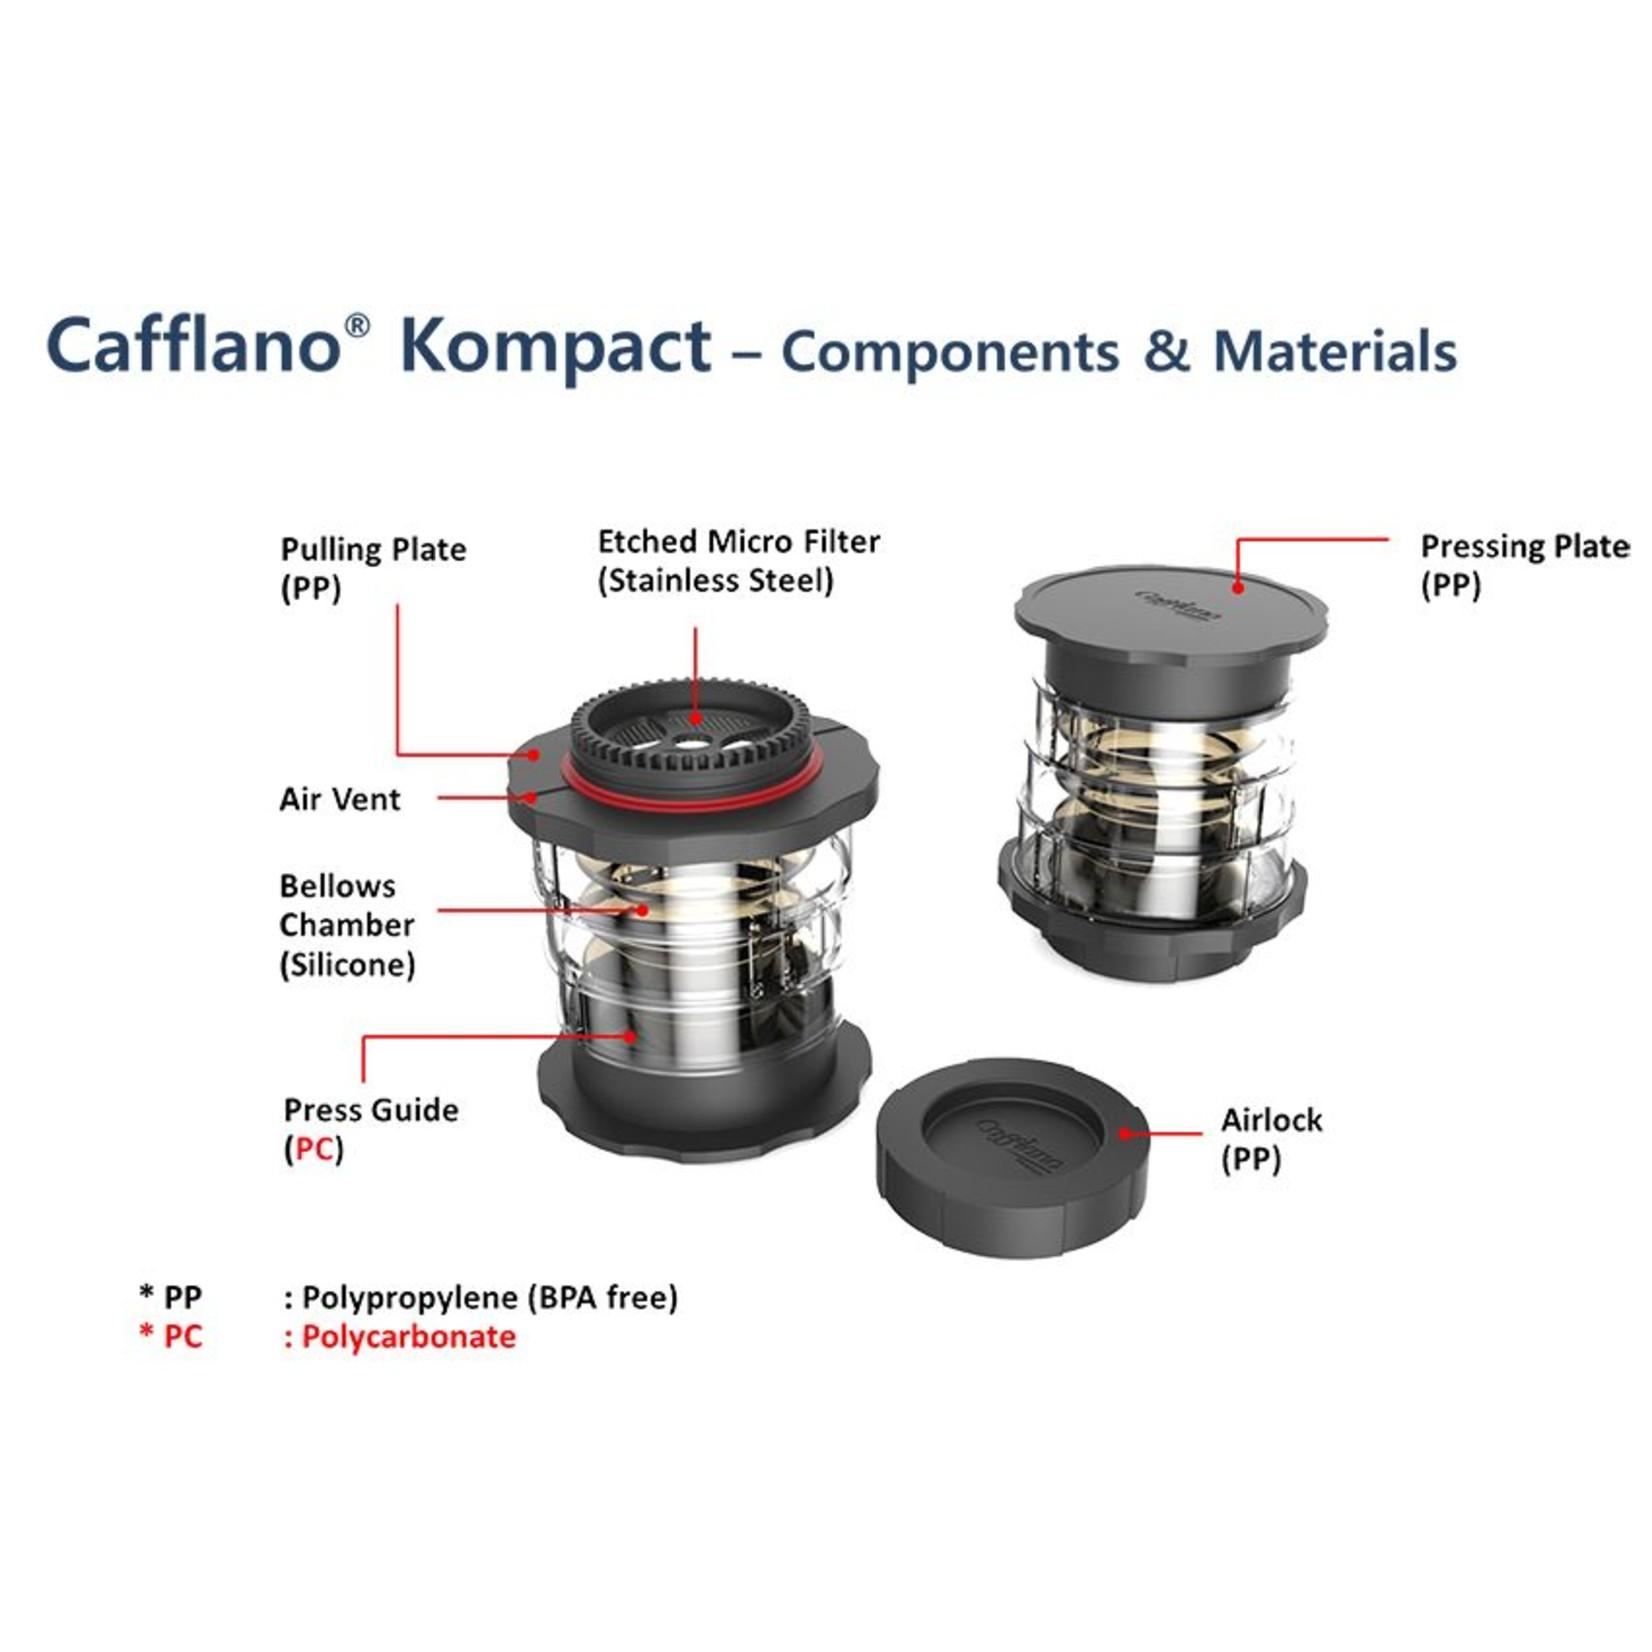 Cafetière Cafflano Kompact